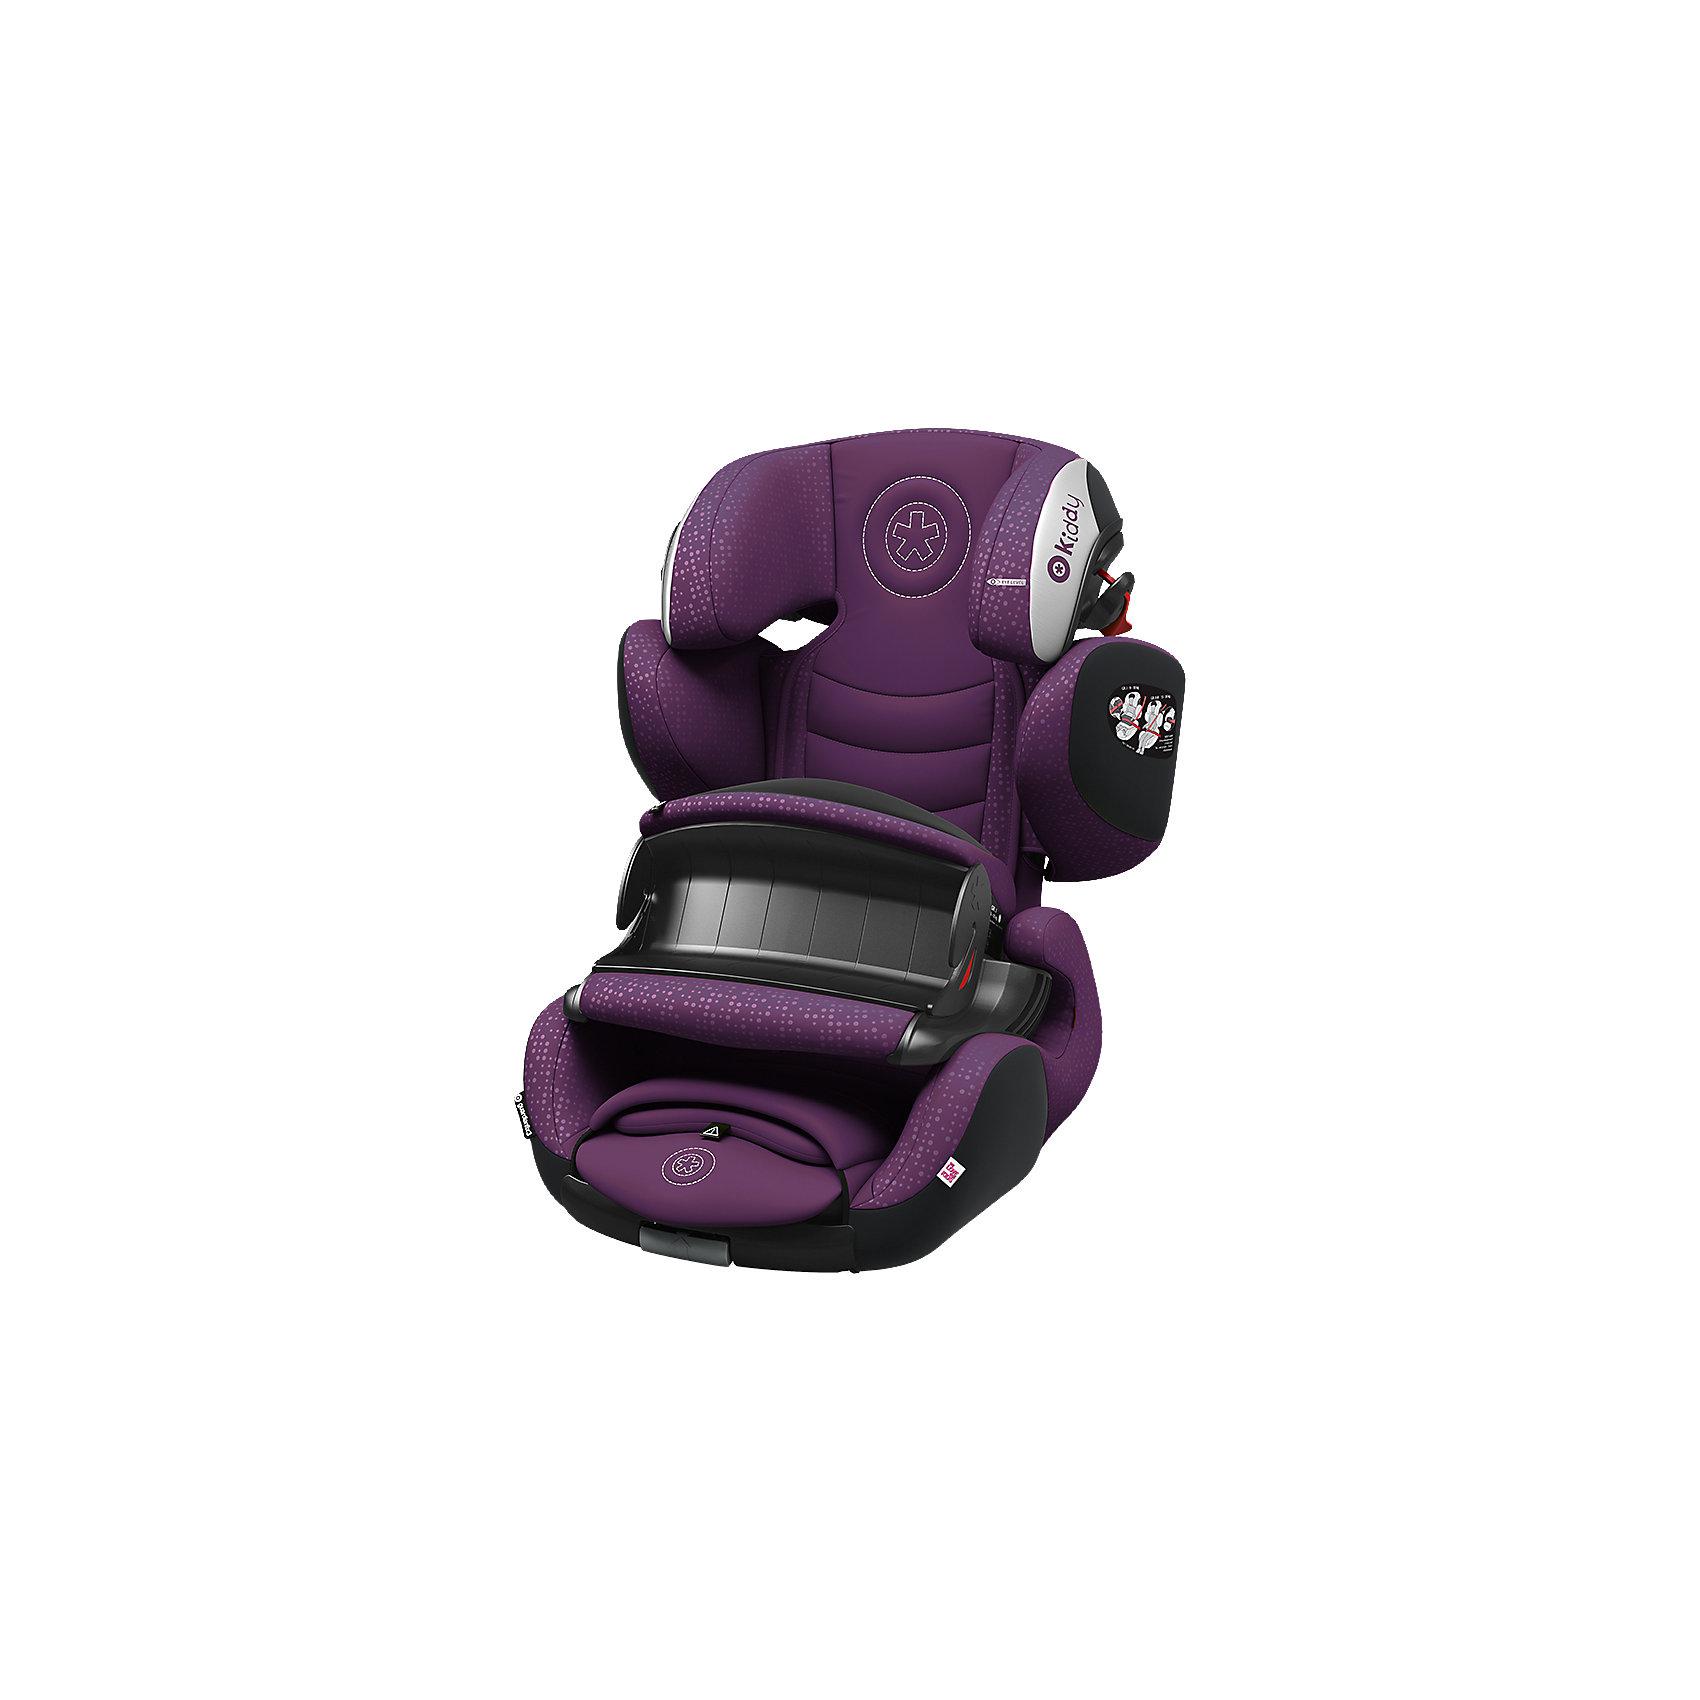 Автокресло Kiddy Guardianfix 3, 9-36кг., Royal LilaГруппа 1-2-3 (От 9 до 36 кг)<br>Kiddy GuardianFix 3(Кидди Гардианфикс 3) – детское автомобильное кресло гр. 123 со столиком безопасности и свободной регулировкой по углу наклона, оснащено креплениями Isofix, подходит детям от 9 мес. до 12 лет (9-36 кг), ростом от 75 до 150 см. Характеристики этой модели обеспечивают ребенку комфорт в длительных поездках и повышенную безопасность в аварийных ситуациях.Для самых маленьких в гр. 1 предусмотрена фиксация с помощью столика безопасности. Характеристики: анатомическая форма кресла позволяет ребенку наслаждаться путешествиями с комфортом;<br>Ортопедический корпус из пластика повышенной прочности обеспечивает максимум безопасности;<br>Амортизирующие прослойки и форма корпуса помогают в правильном формировании осанки у ребенка;<br>Спинка автокресла регулируется по углу наклона благодаря плавающему креплению и выдвижным изофикс;<br>Регулируемый плечевой щит настраивается по росту с подголовником и фиксируется в одном из семи положений;<br>Направляющие в подголовнике отвечает за правильное размещение ремня автомобиля на плече и грудной клетке ребенка;<br>Дышащий материал сиденья впитывает влагу, устойчив к загрязнениям и препятствует впитыванию посторонних запахов;<br>Износостойкая отделка автокресла с вентилируемой спинкой при необходимости снимается для деликатной стирки.<br><br>Ширина мм: 734<br>Глубина мм: 513<br>Высота мм: 507<br>Вес г: 10310<br>Цвет: лиловый<br>Возраст от месяцев: 9<br>Возраст до месяцев: 144<br>Пол: Унисекс<br>Возраст: Детский<br>SKU: 5105429